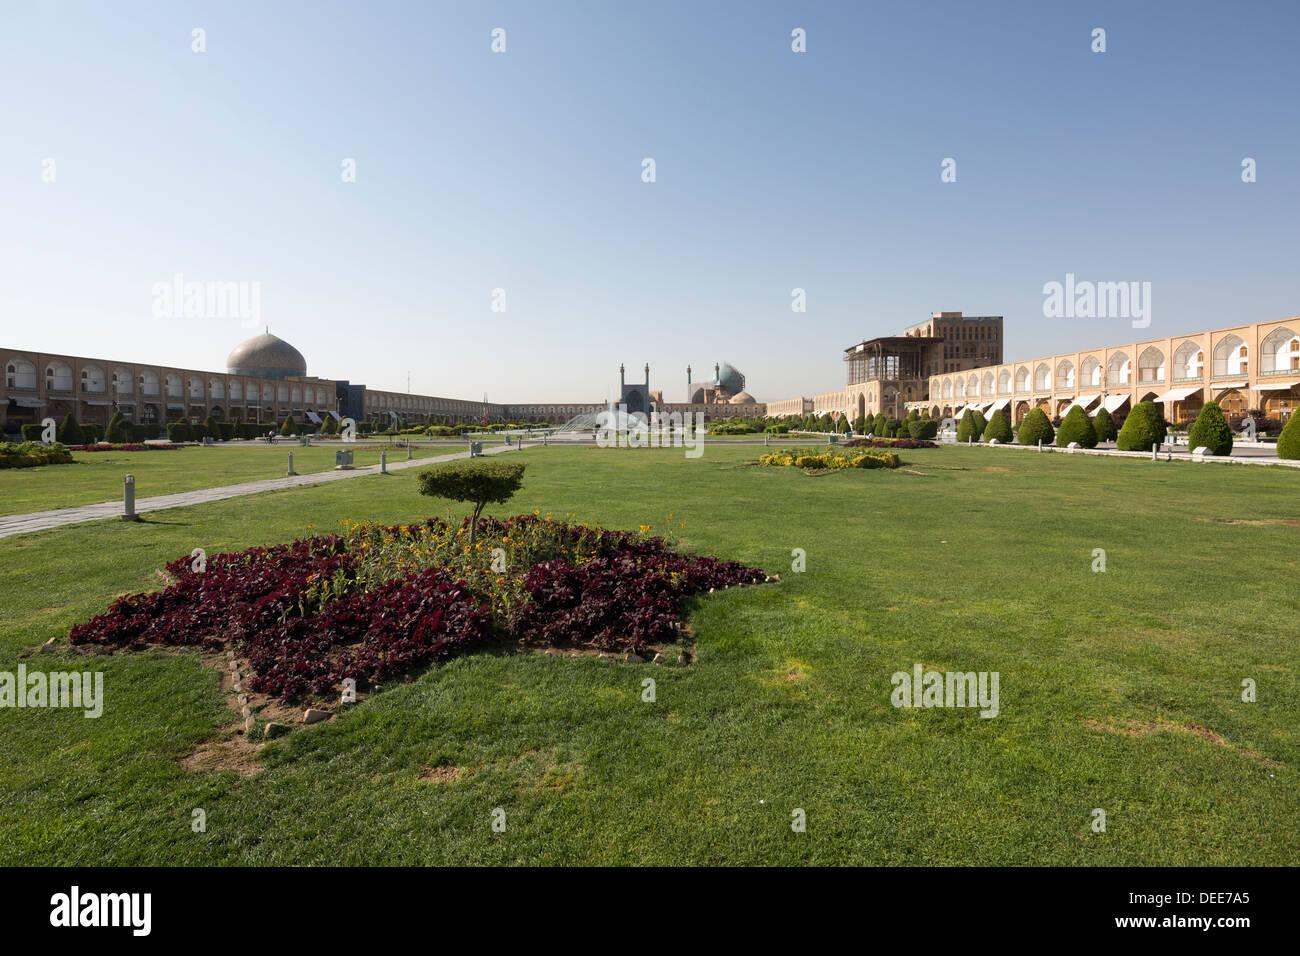 Naqsh-e Jahan, or Imam, or Shah Square, Isfahan, Iran - Stock Image